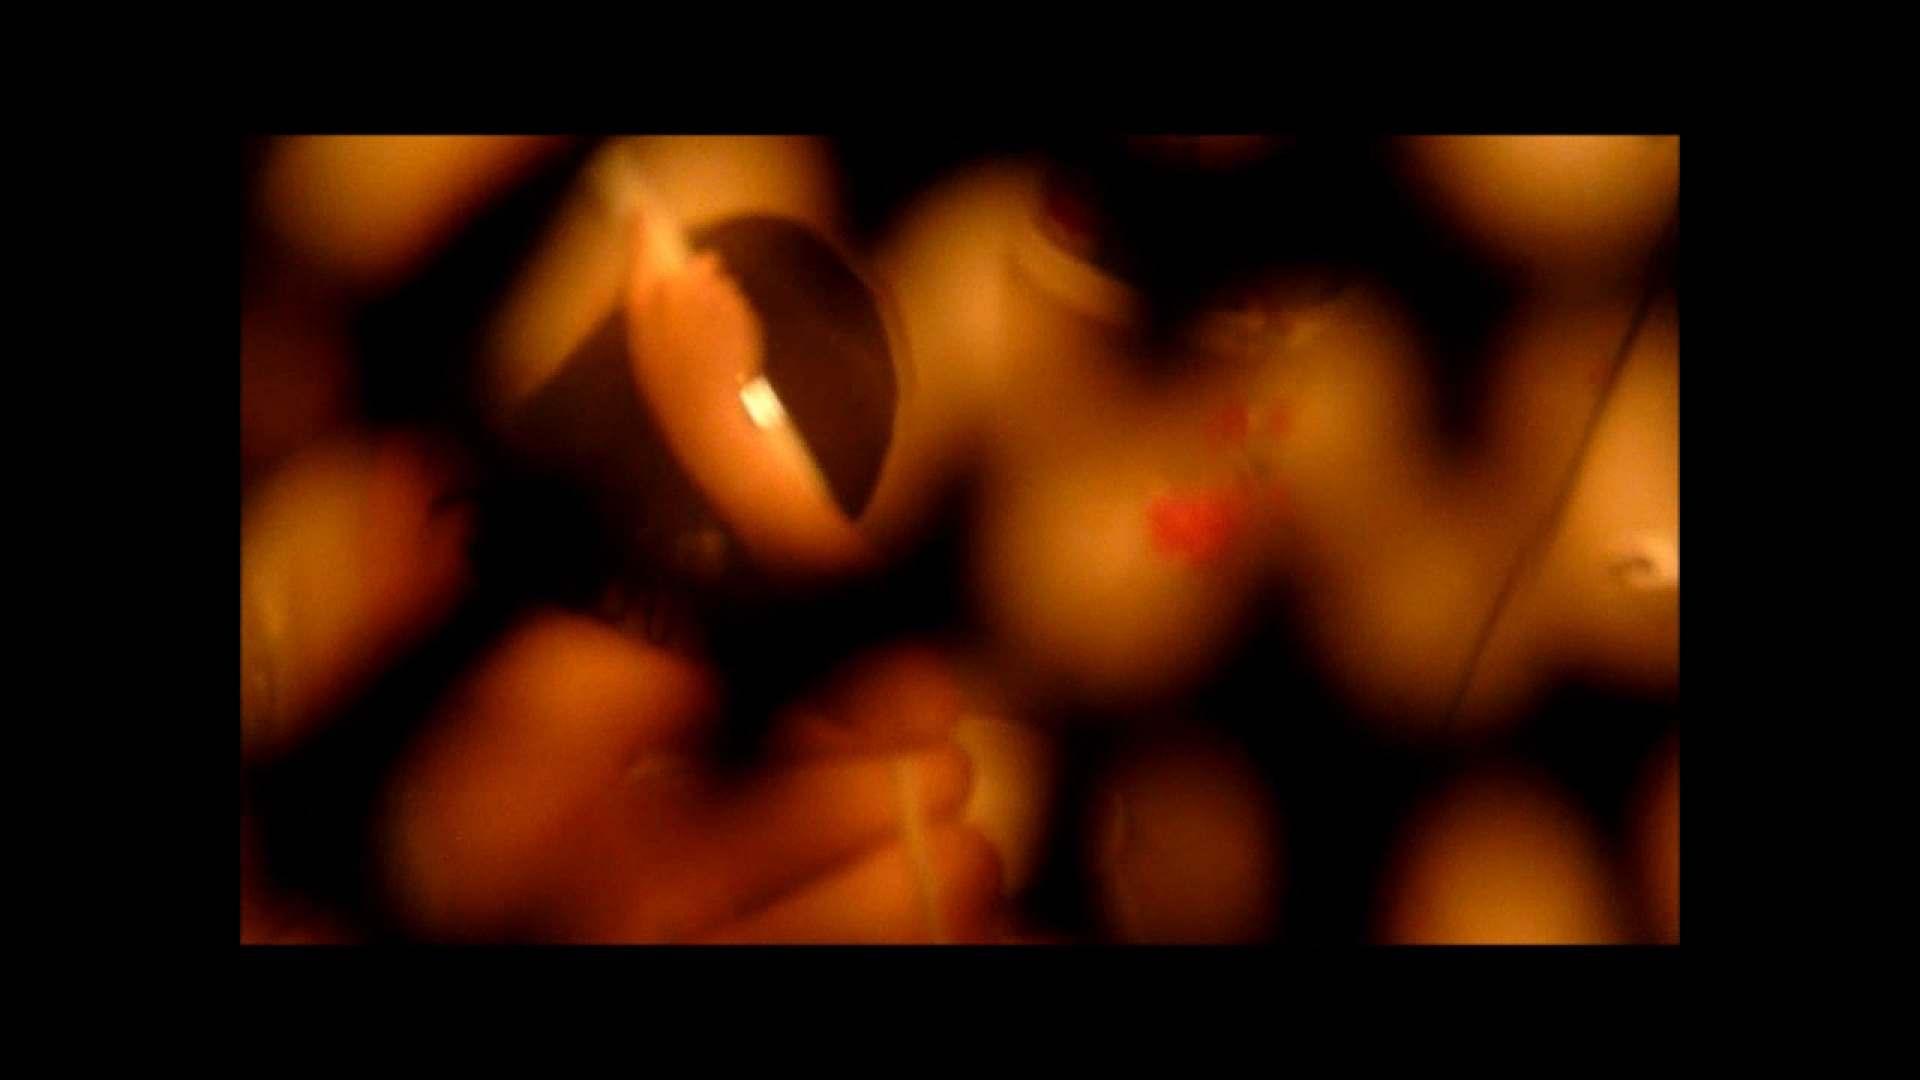 【02】ベランダに侵入して張り込みを始めて・・・やっと結果が出ました。 家宅侵入  107pic 92